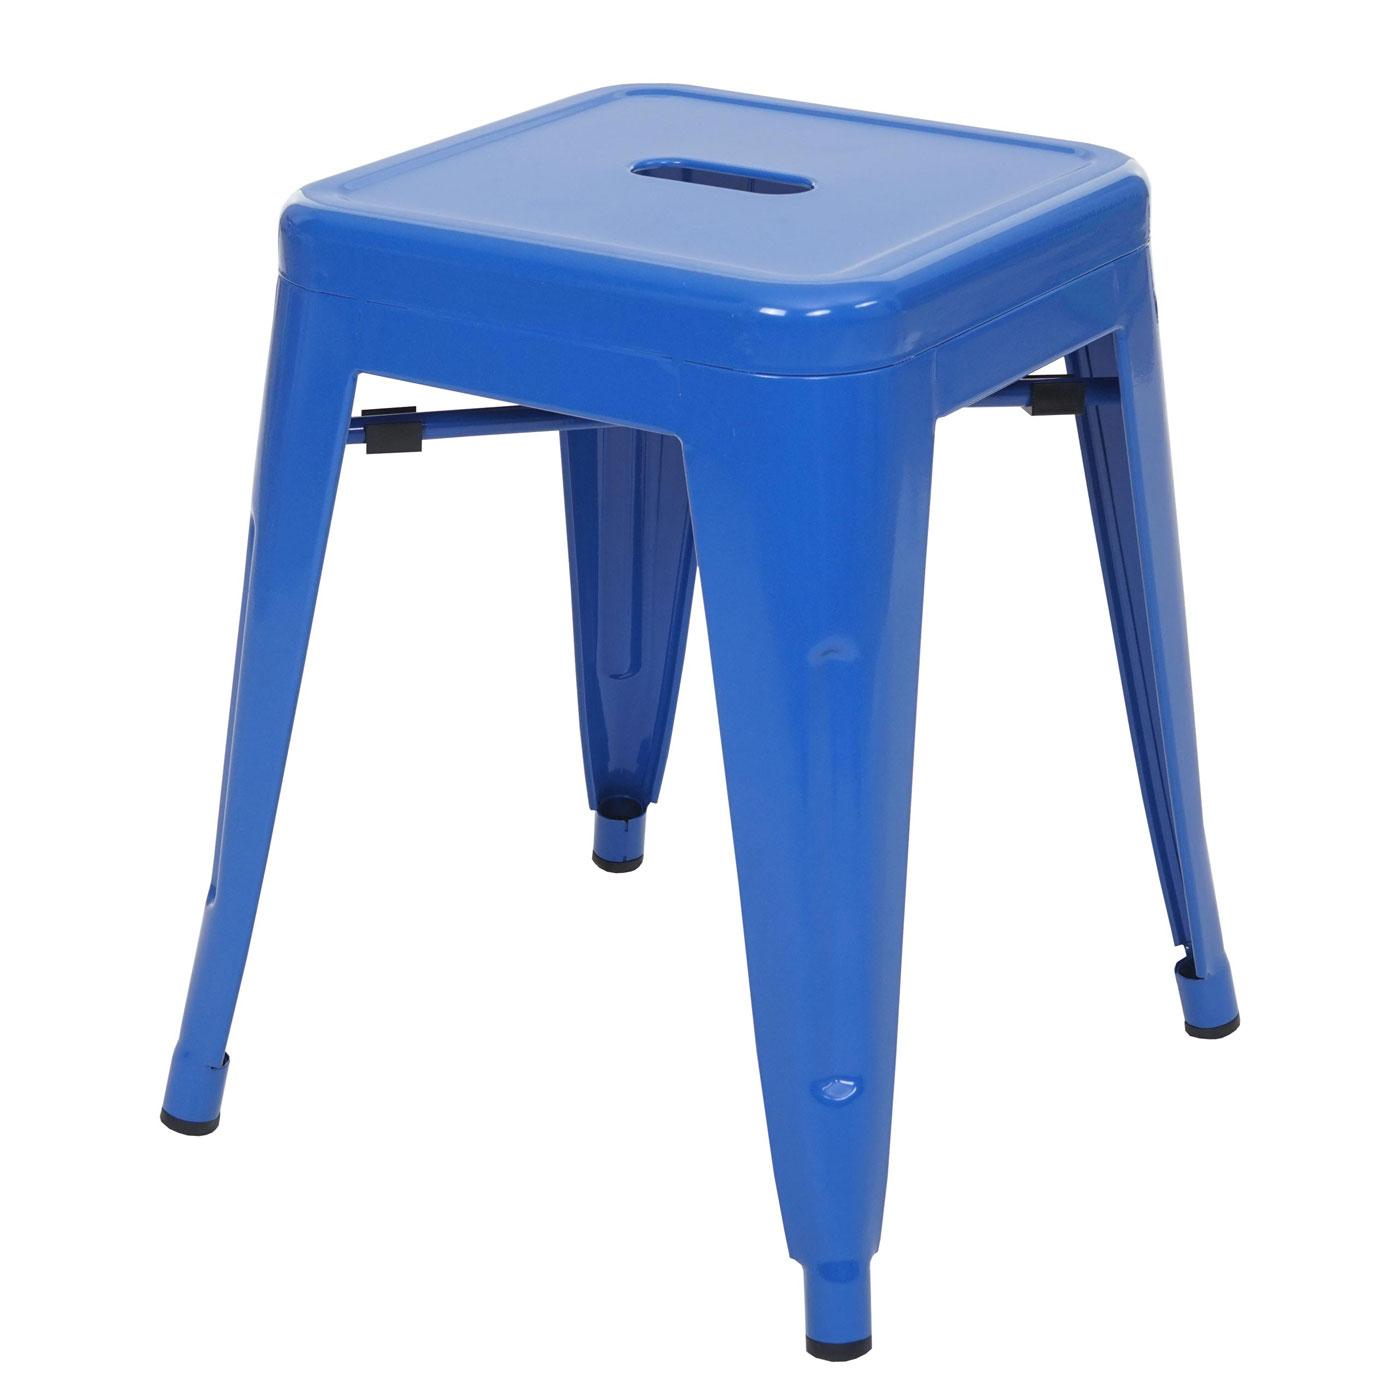 Hocker Hwc A73 Metallhocker Sitzhocker Metall Industriedesign Stapelbar Blau